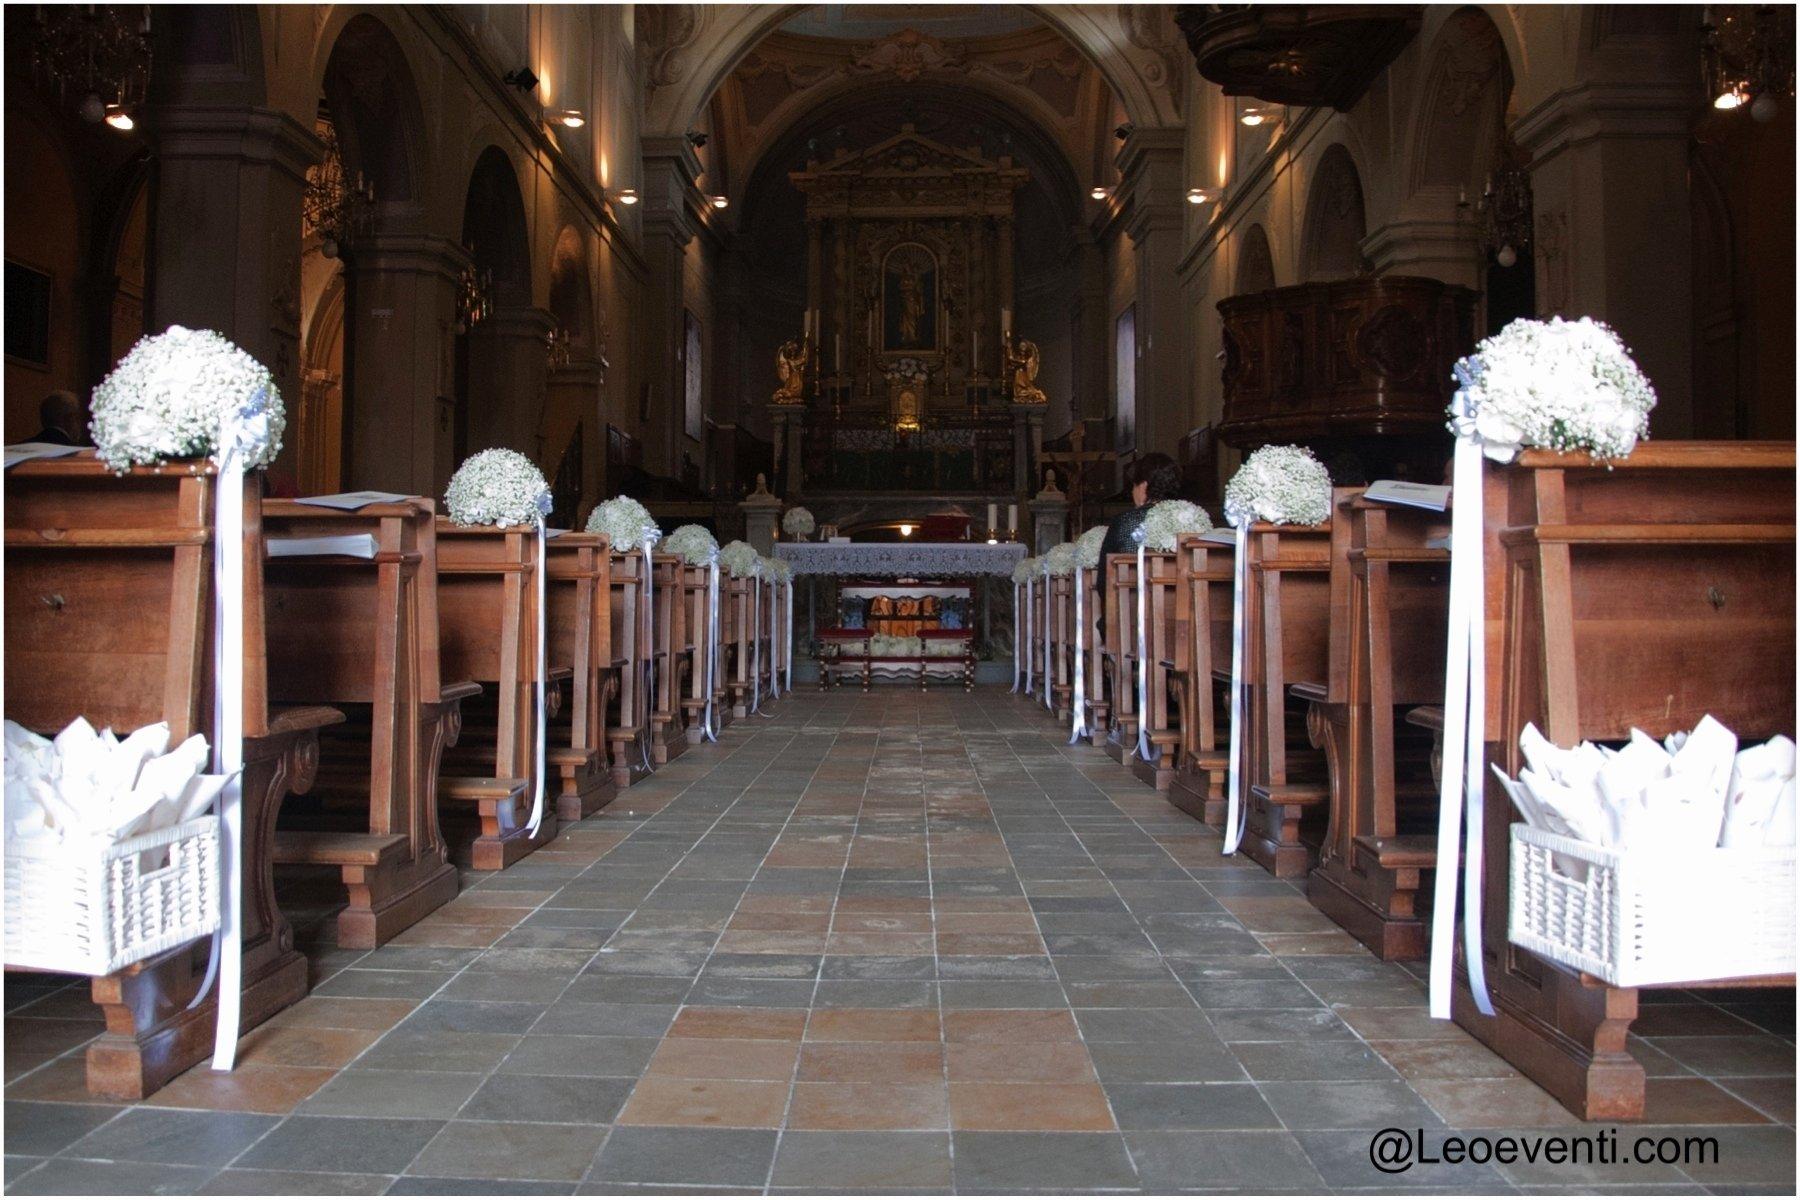 10 Great Wedding Decoration Ideas For Church church wedding decor inspirational church wedding decorations ideas